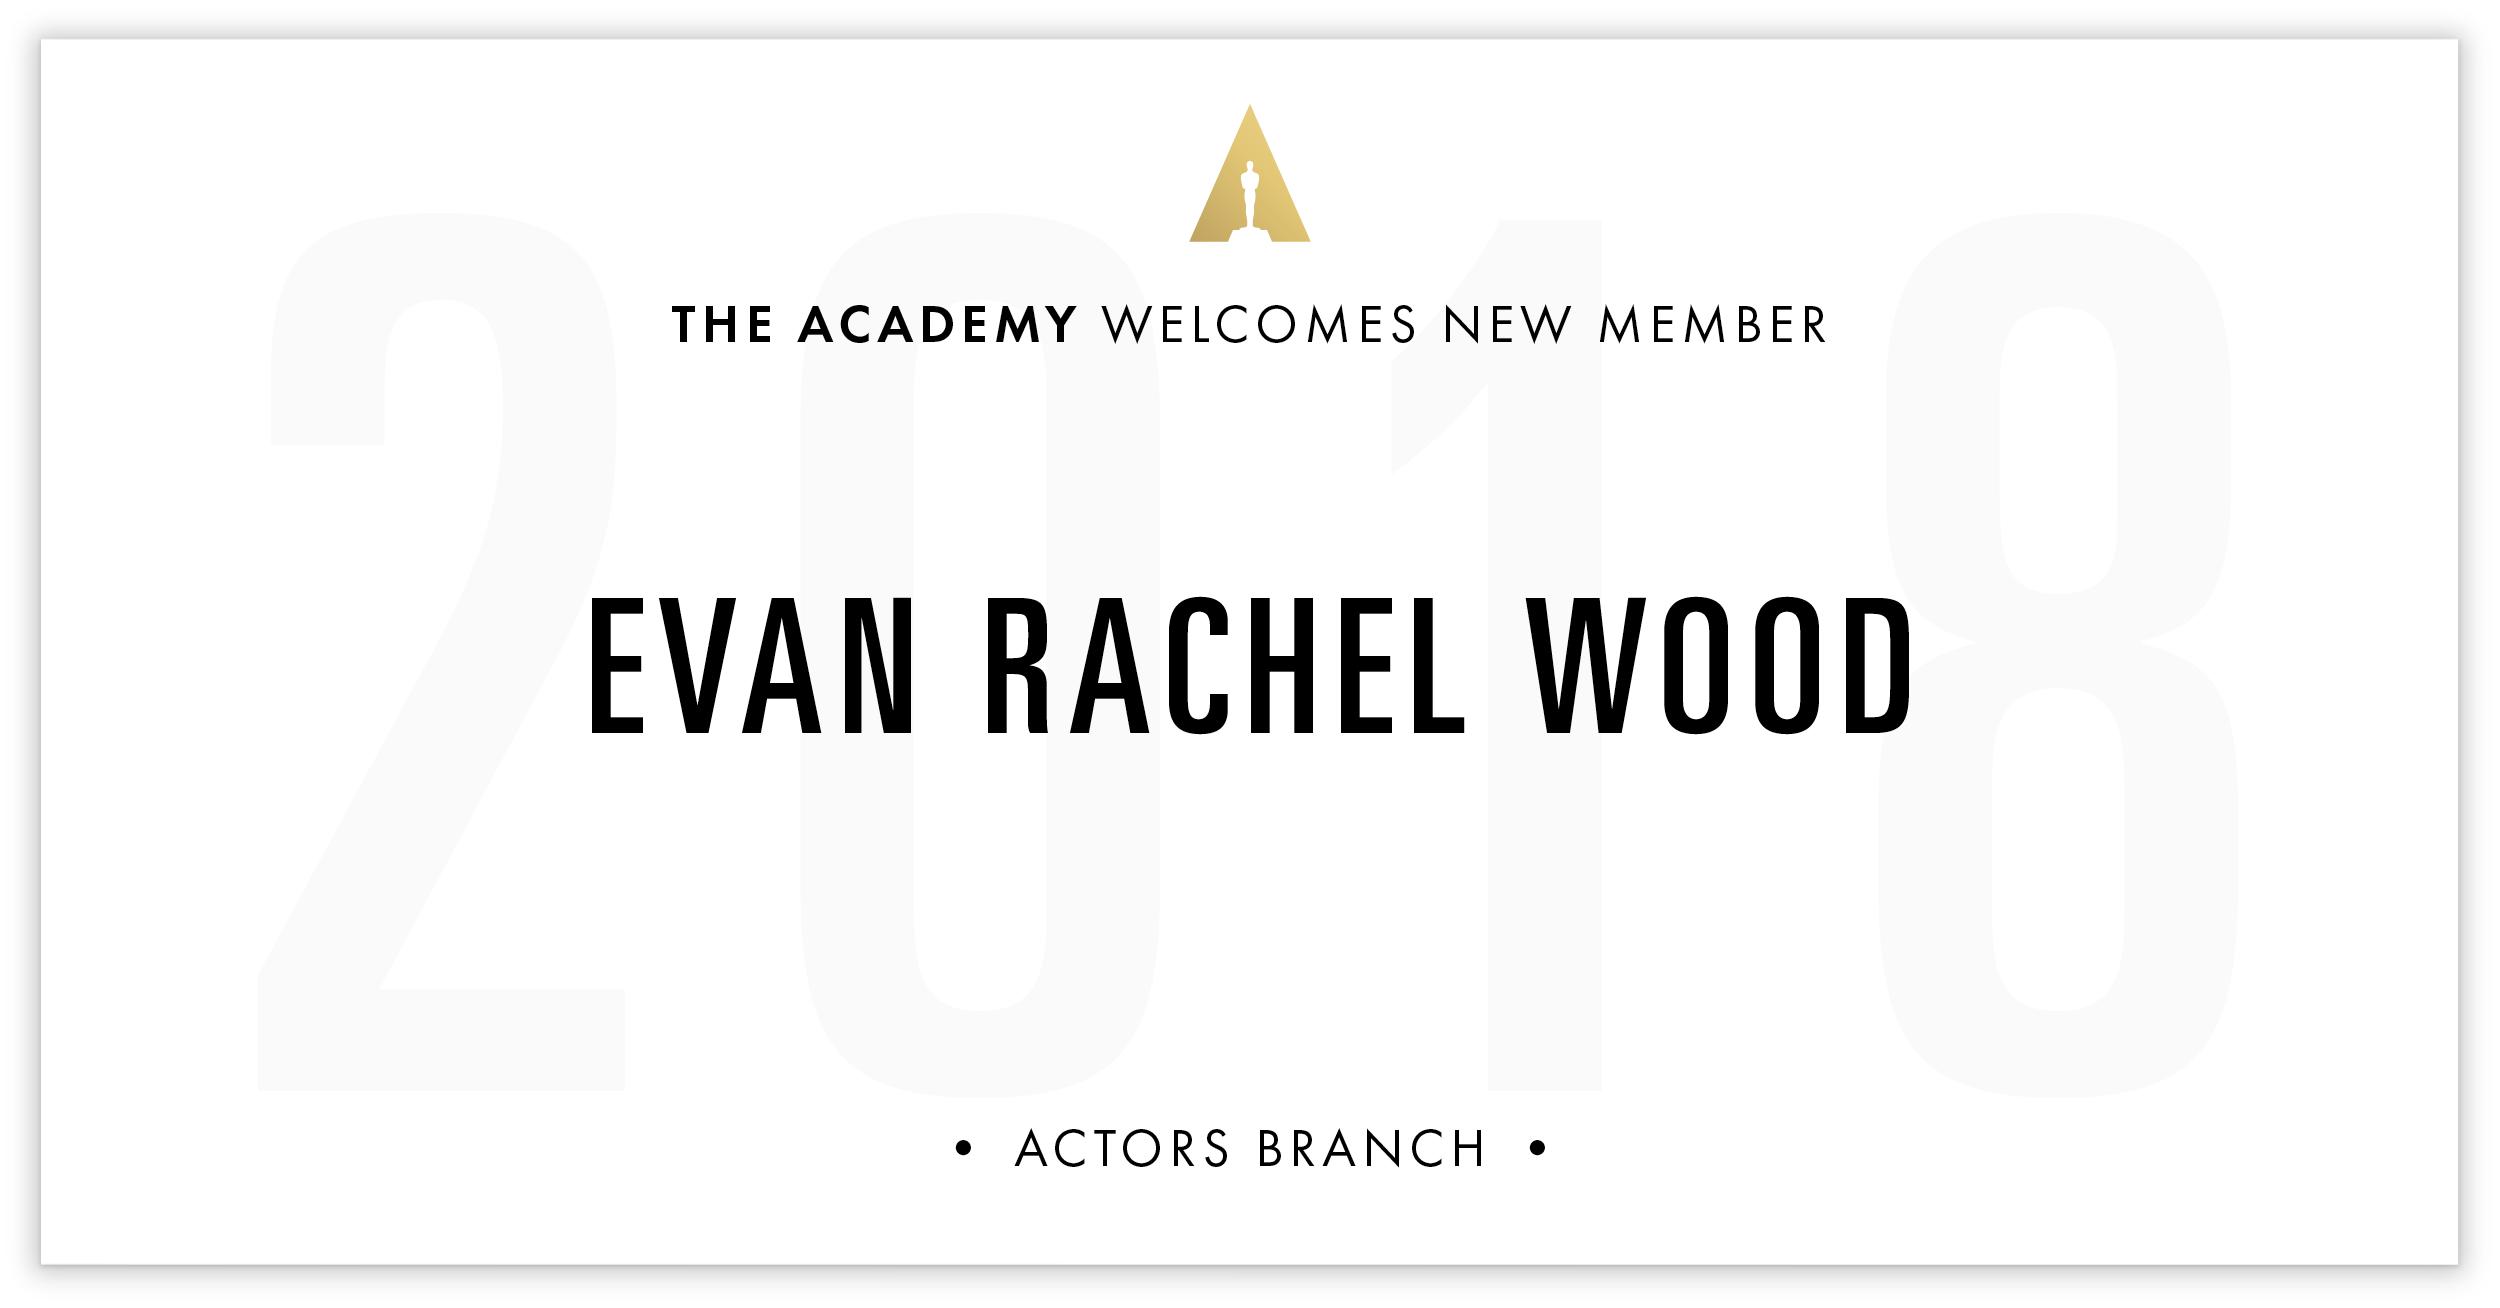 Evan Wood is invited!